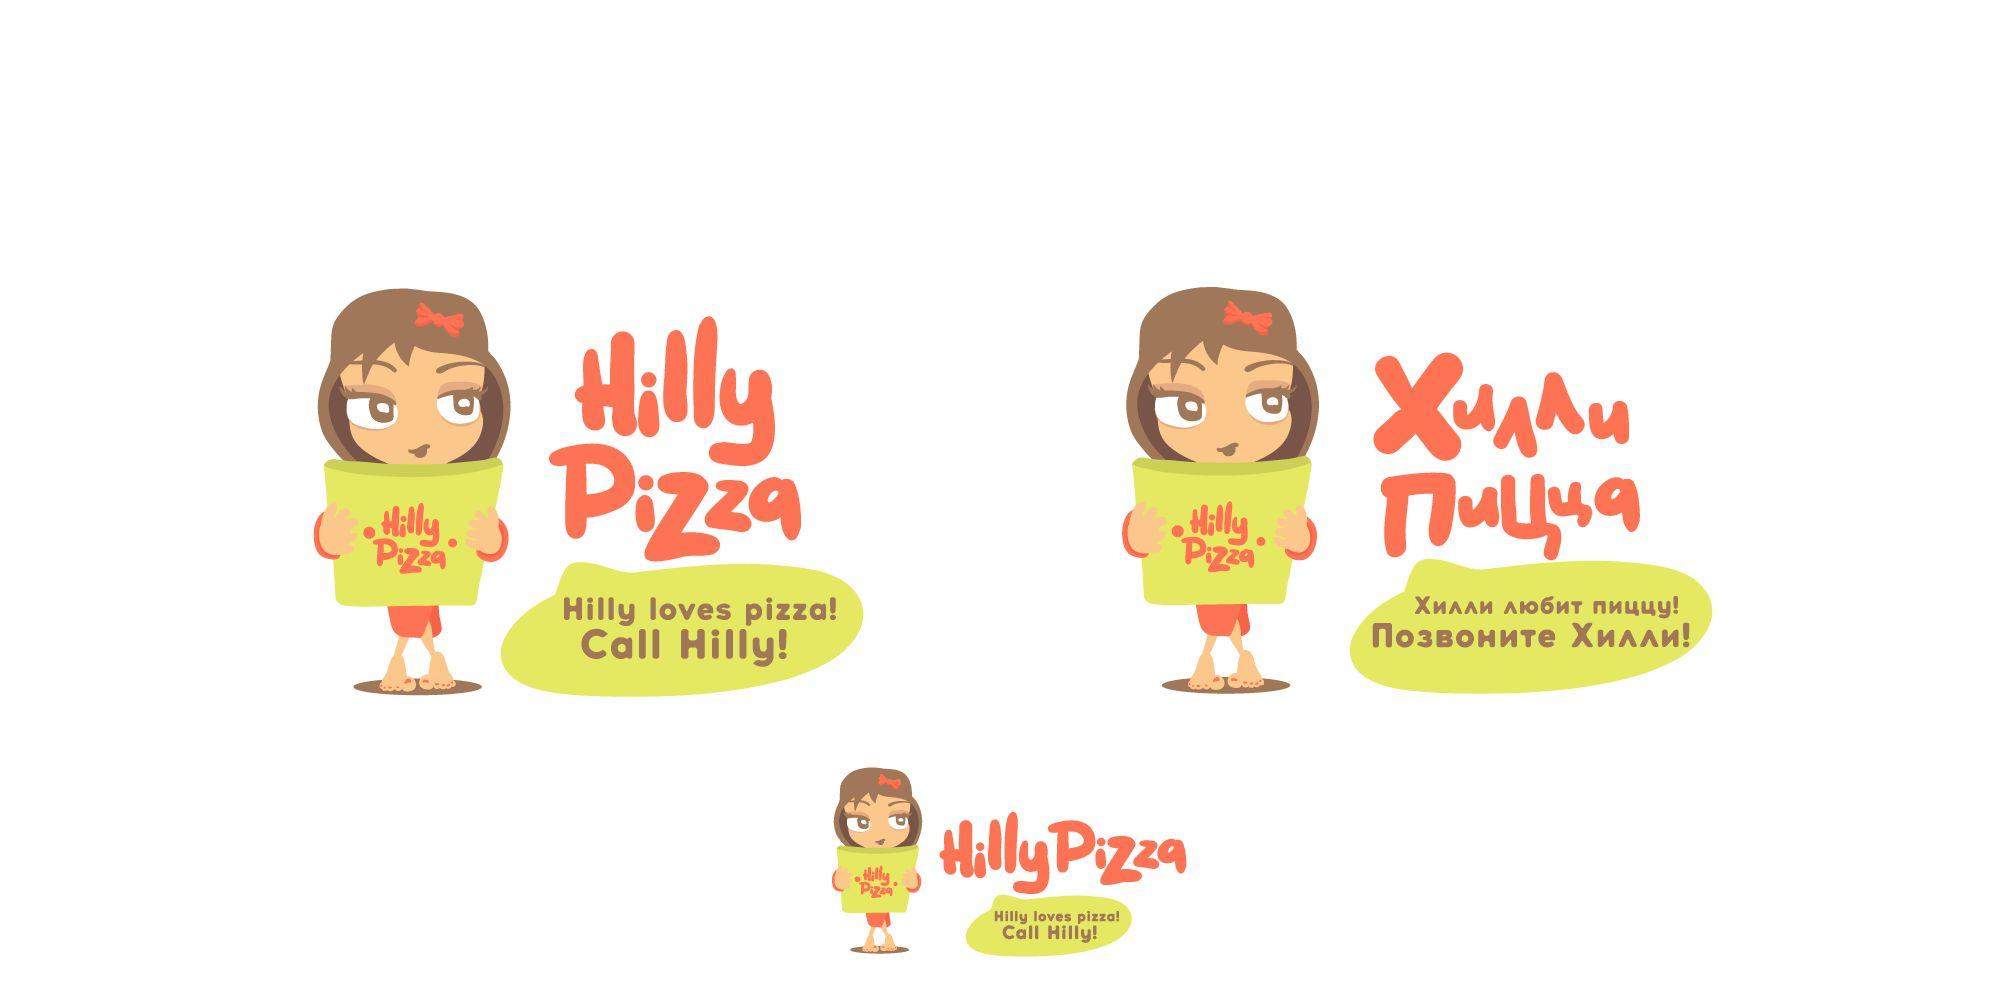 Доставка пиццы Хилли пицца\HILLY PIZZA - дизайнер Martins206